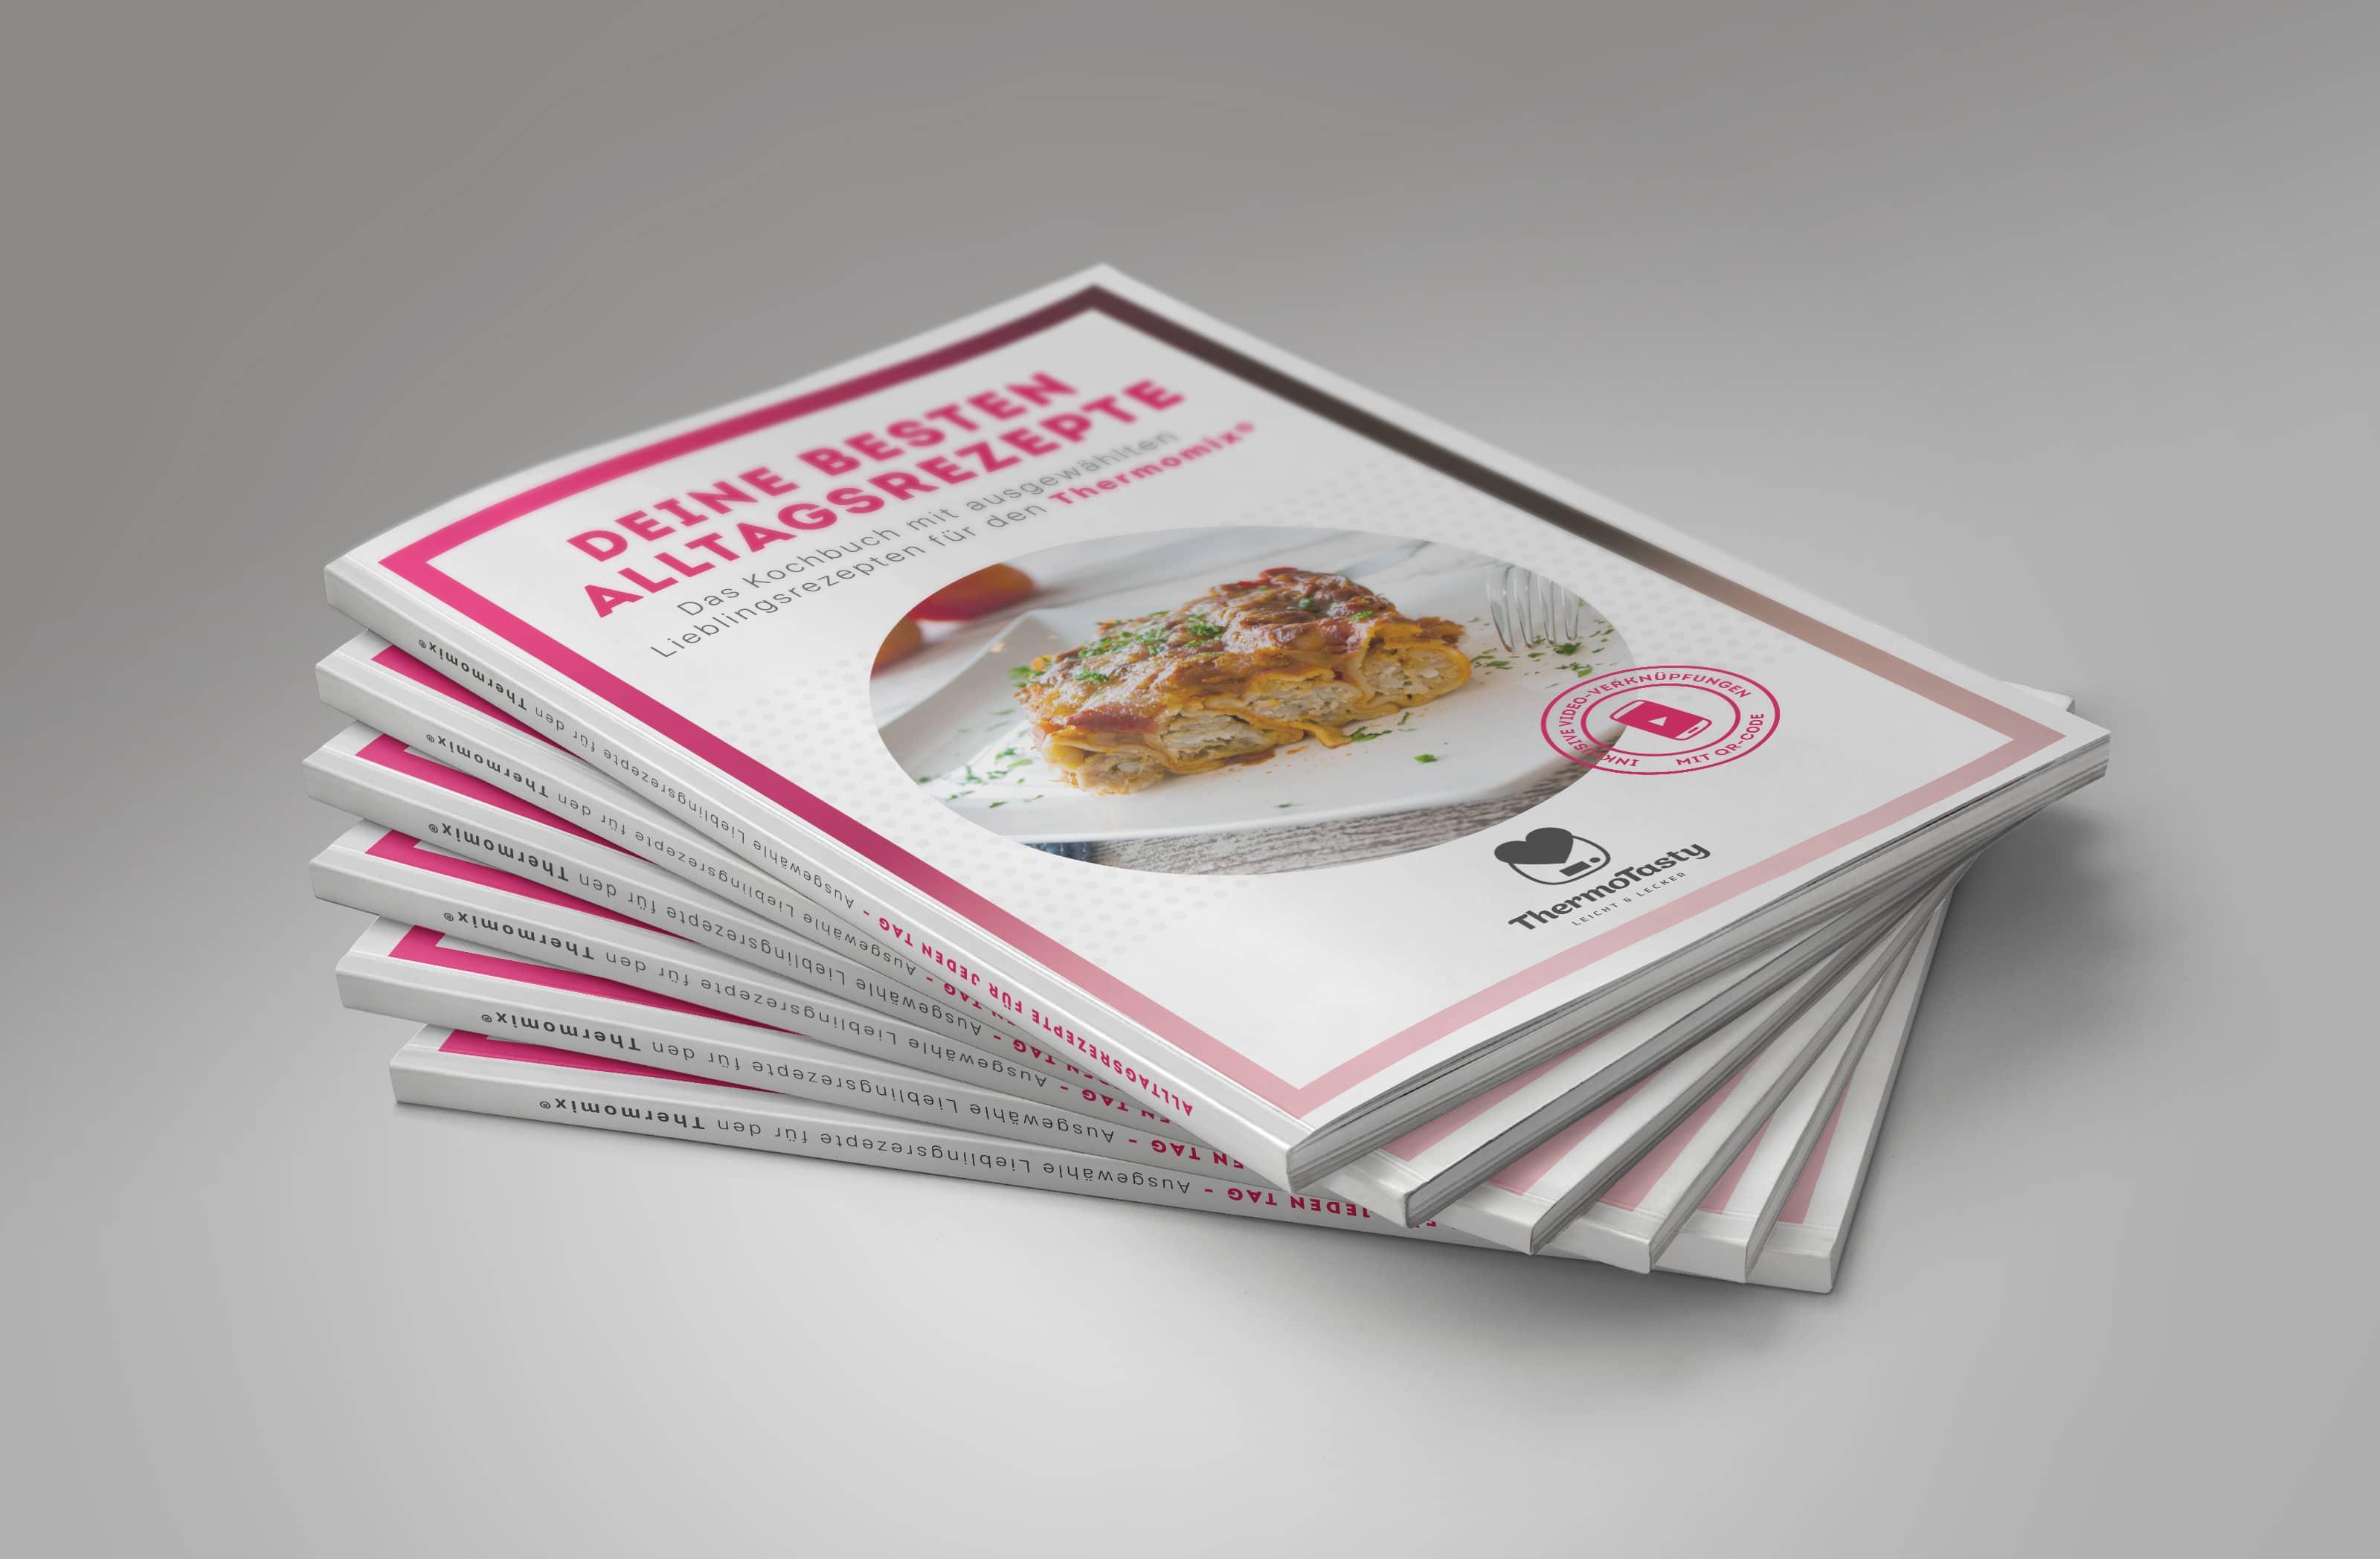 Thermotasty Deine Besten Alltagsrezepte Das Kochbuch Mit